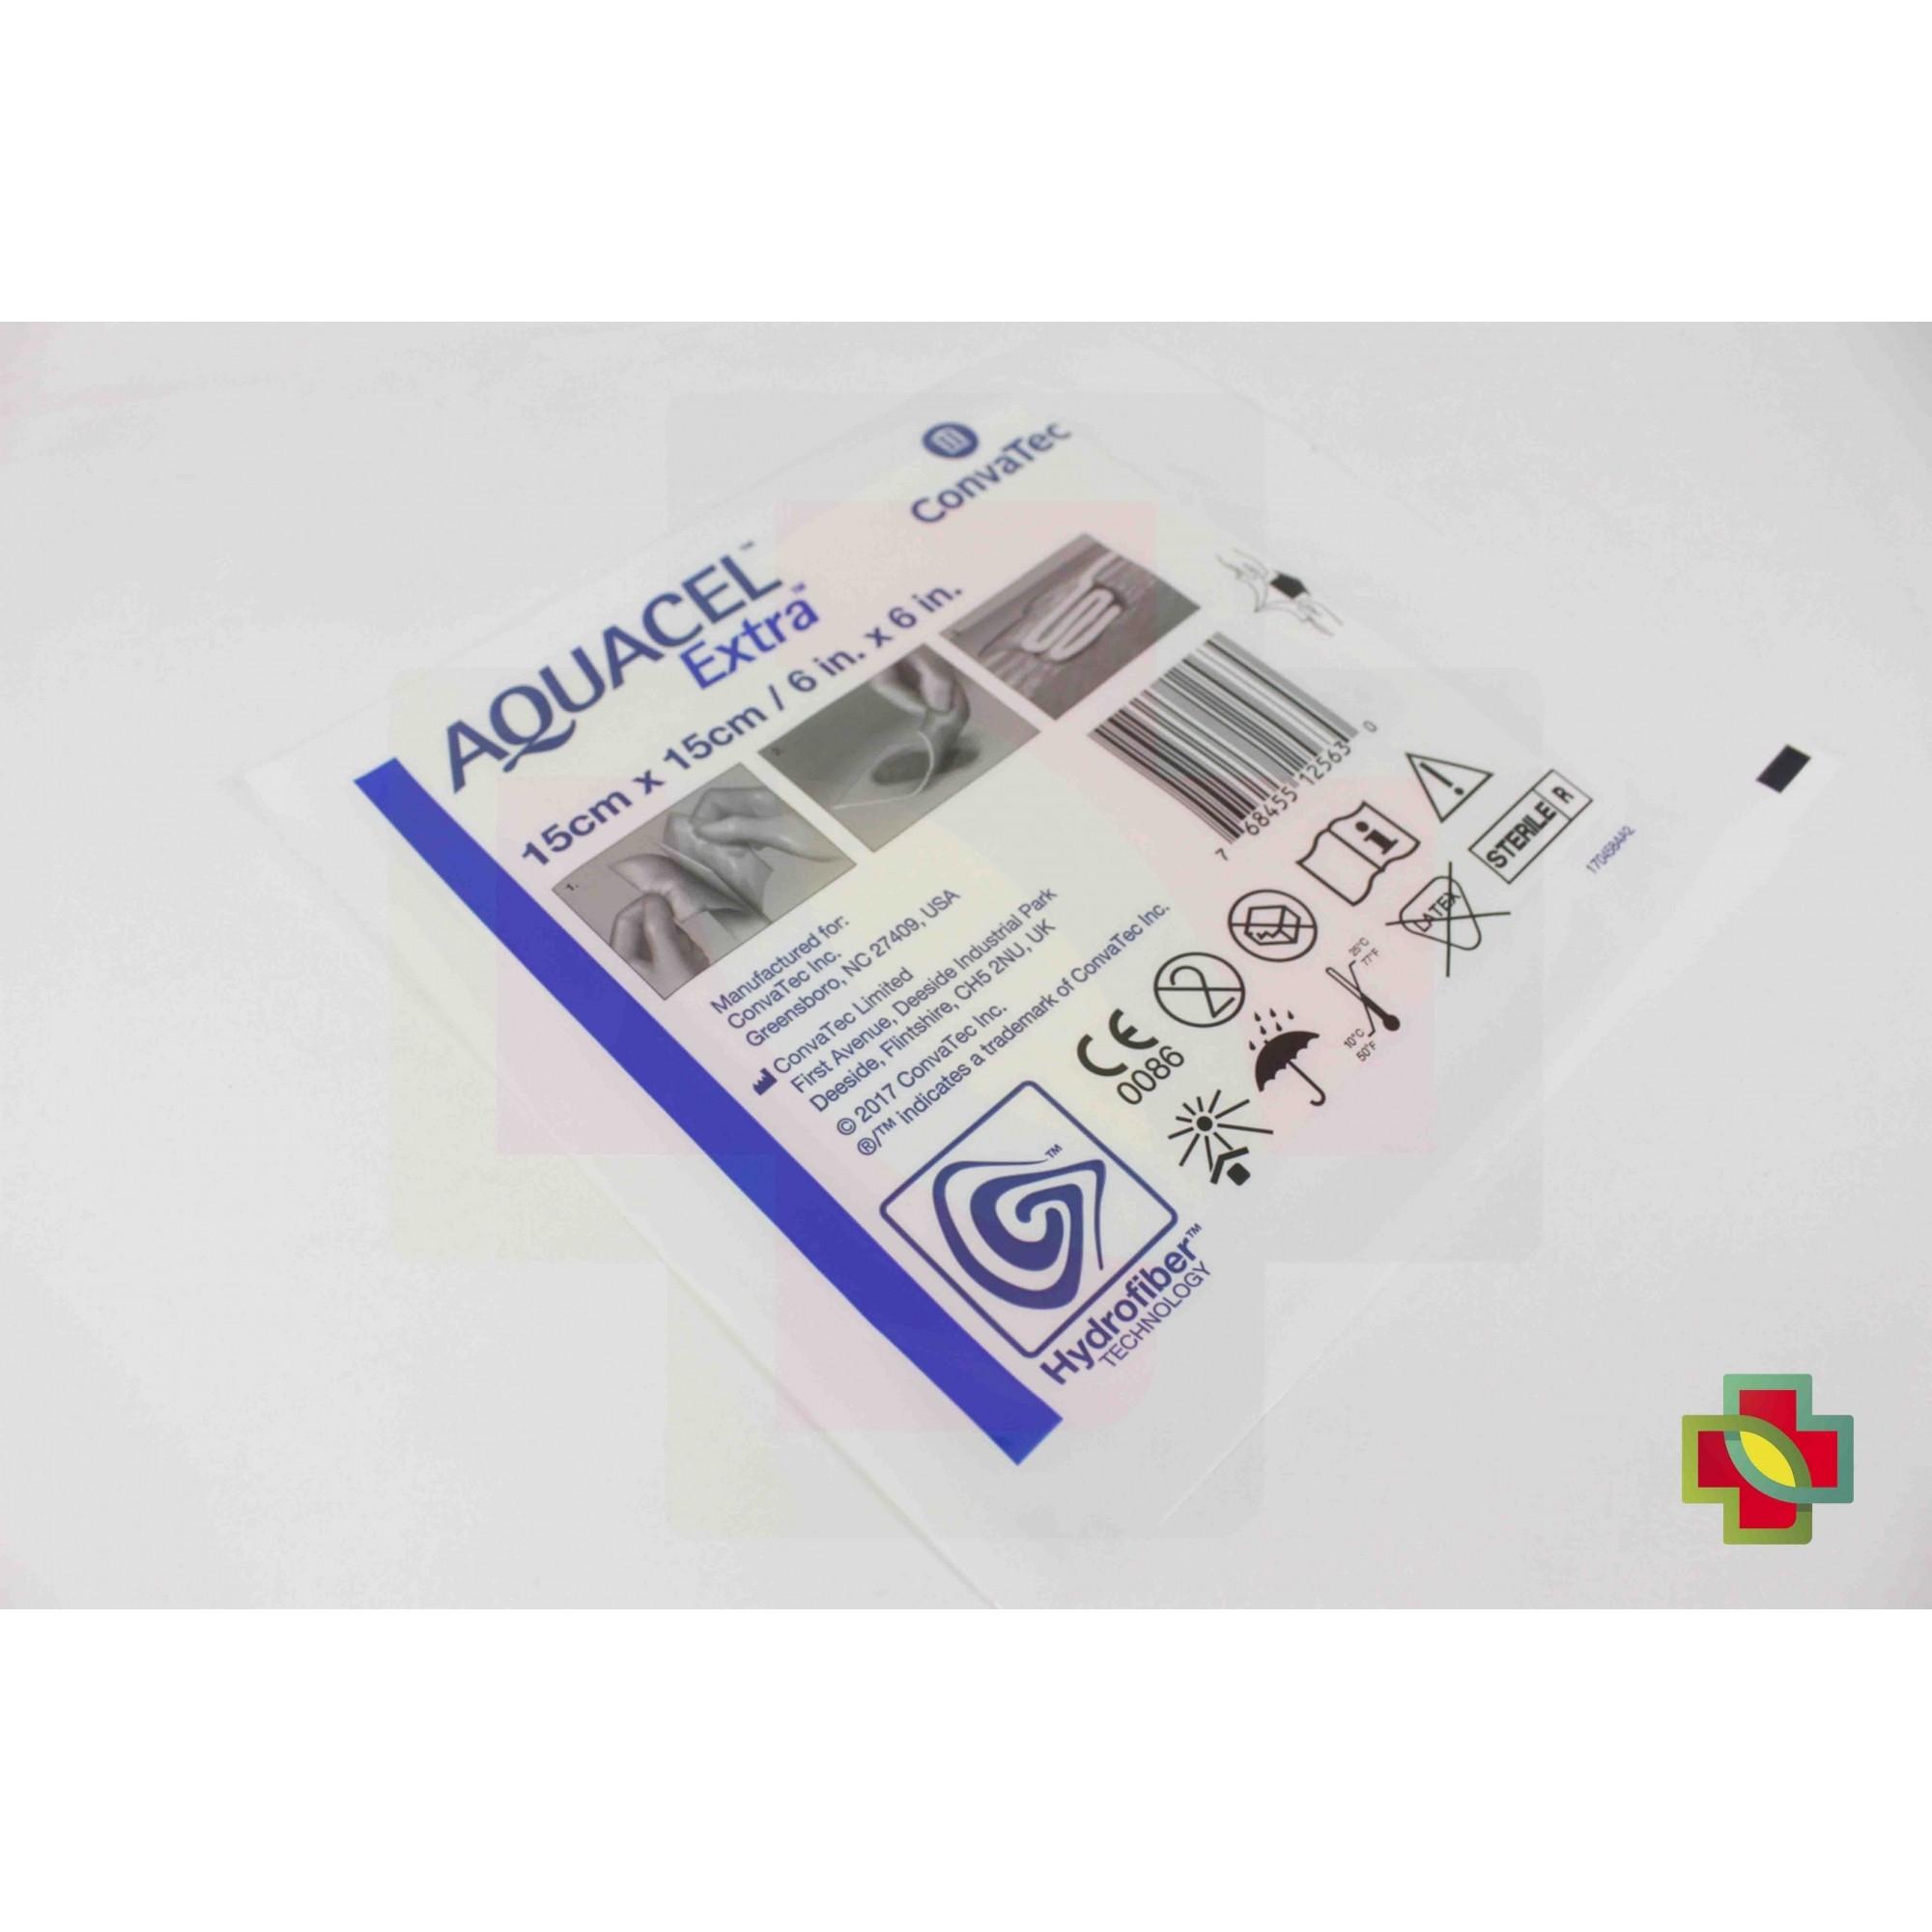 CURATIVO AQUACEL EXTRA 15 X 15 CM (C/10 UND) 420673 - CONVATEC